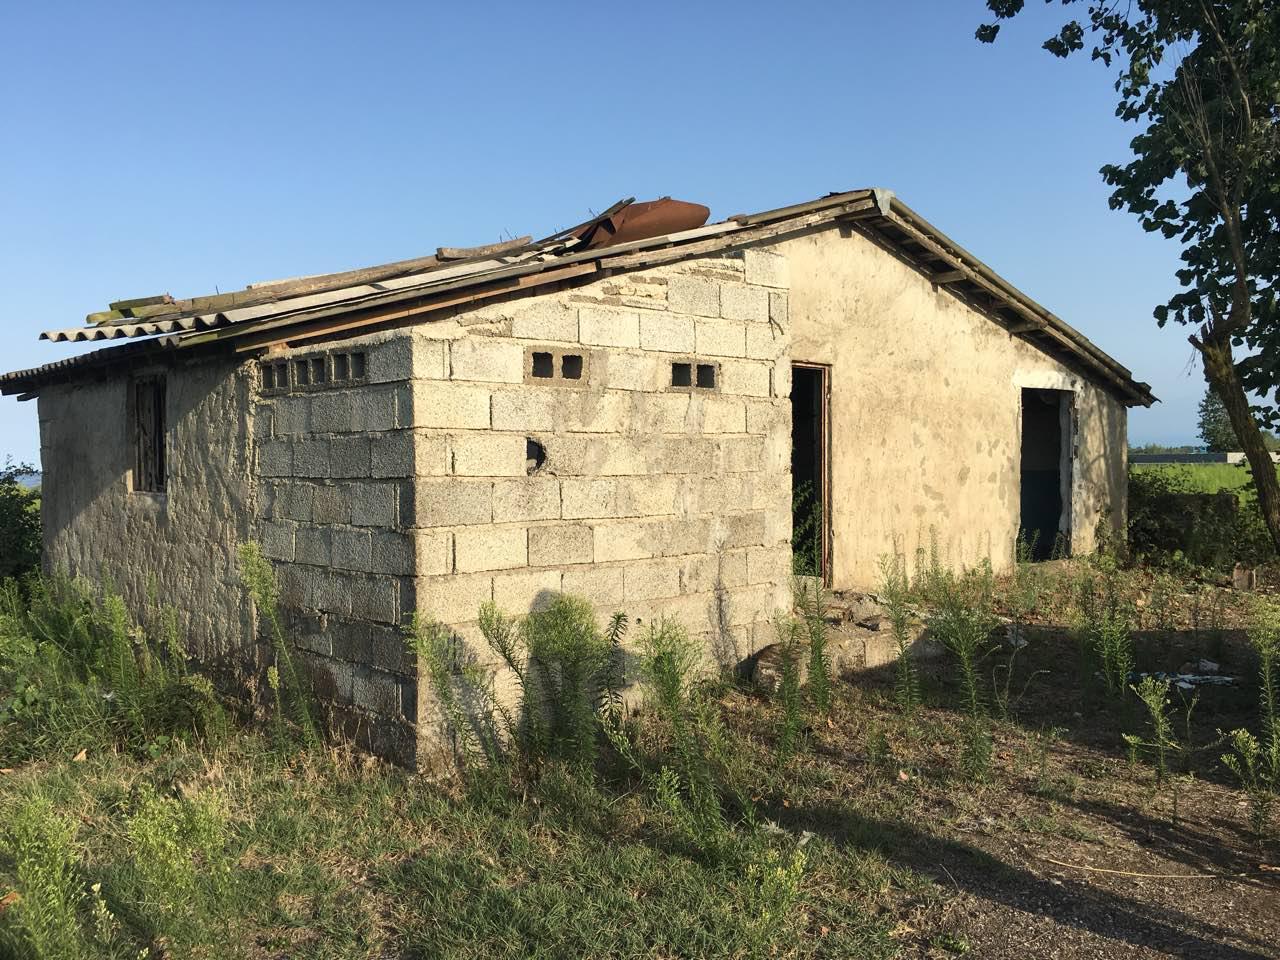 فروش زمین ساحلی هکتاری منطقه توریستی لاهیجان